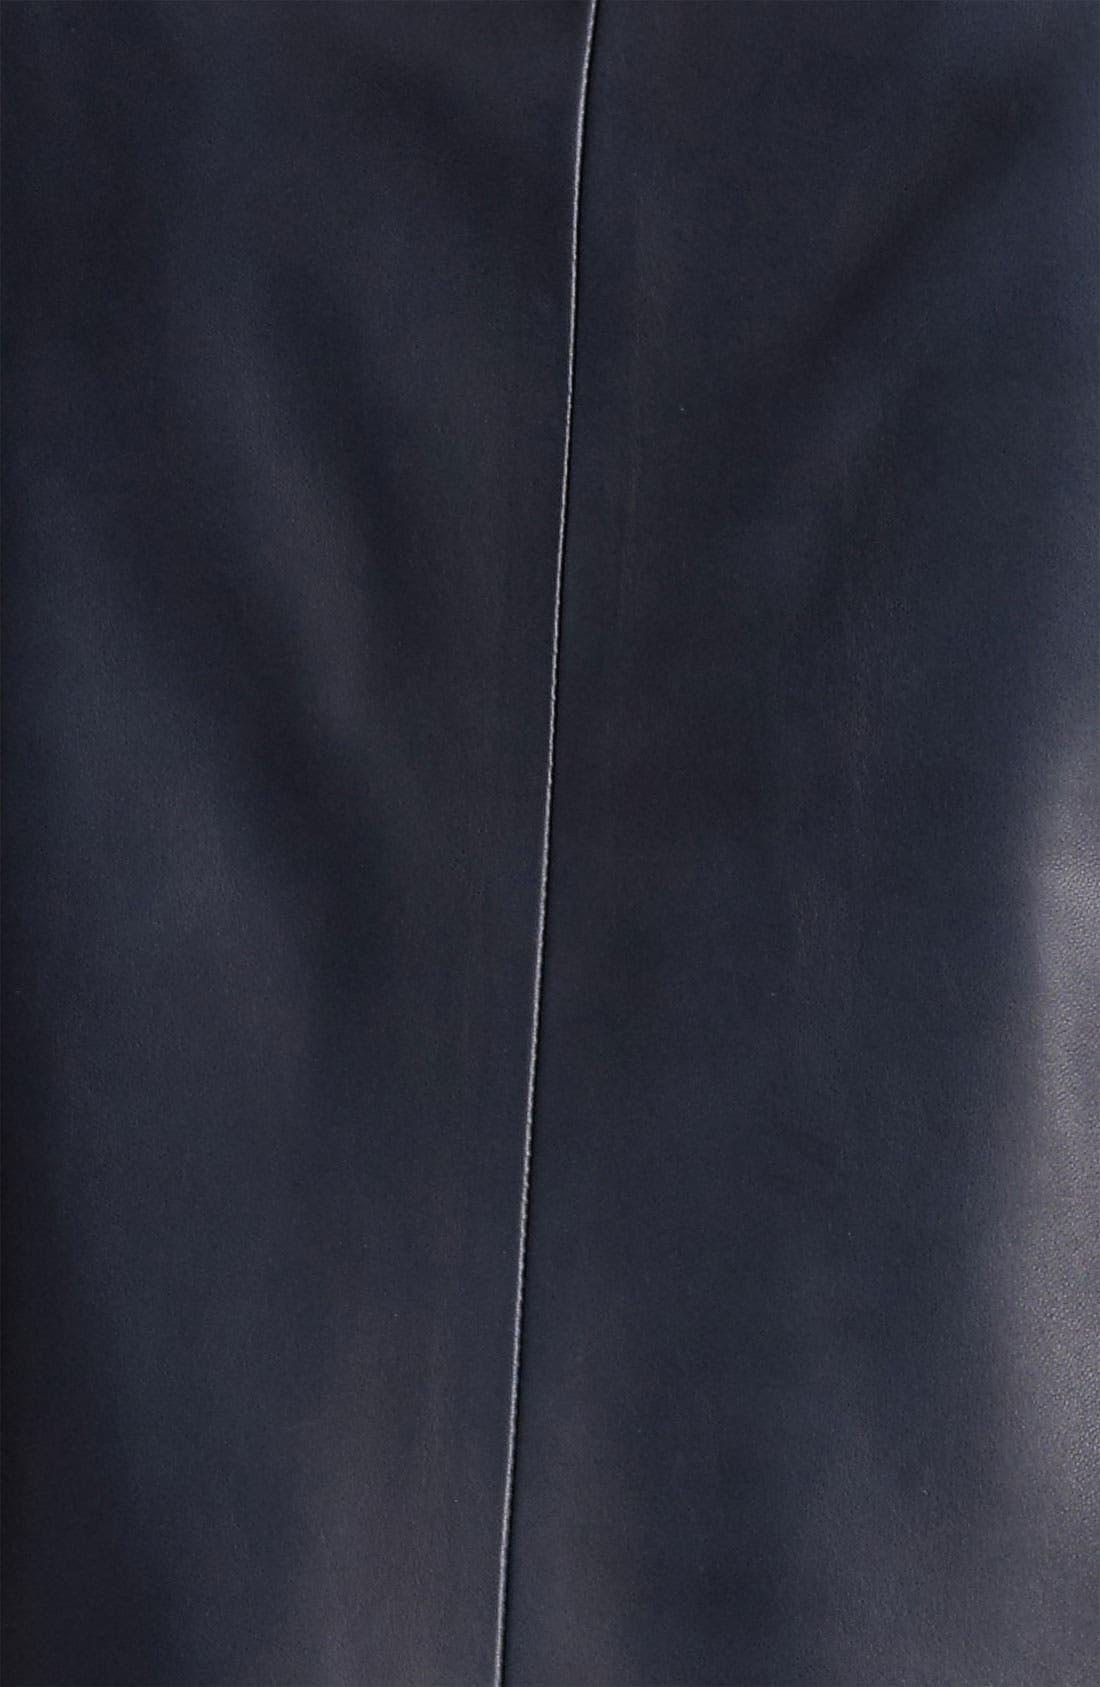 Alternate Image 3  - Jason Wu Nappa Leather Jacket